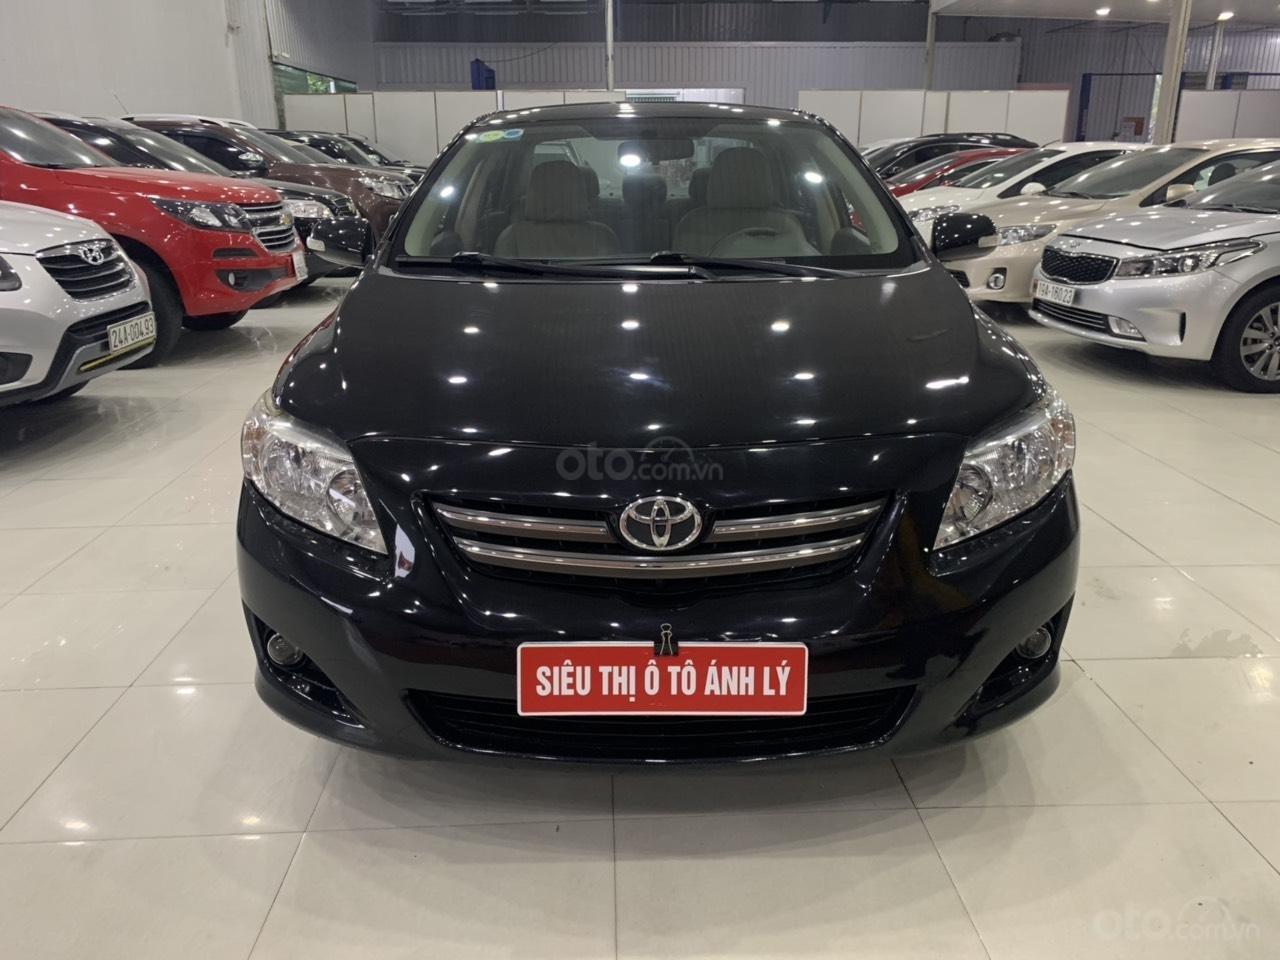 Cần bán Toyota Corolla Altis 1.8AT sản xuất năm 2010, màu đen, 445 triệu (11)